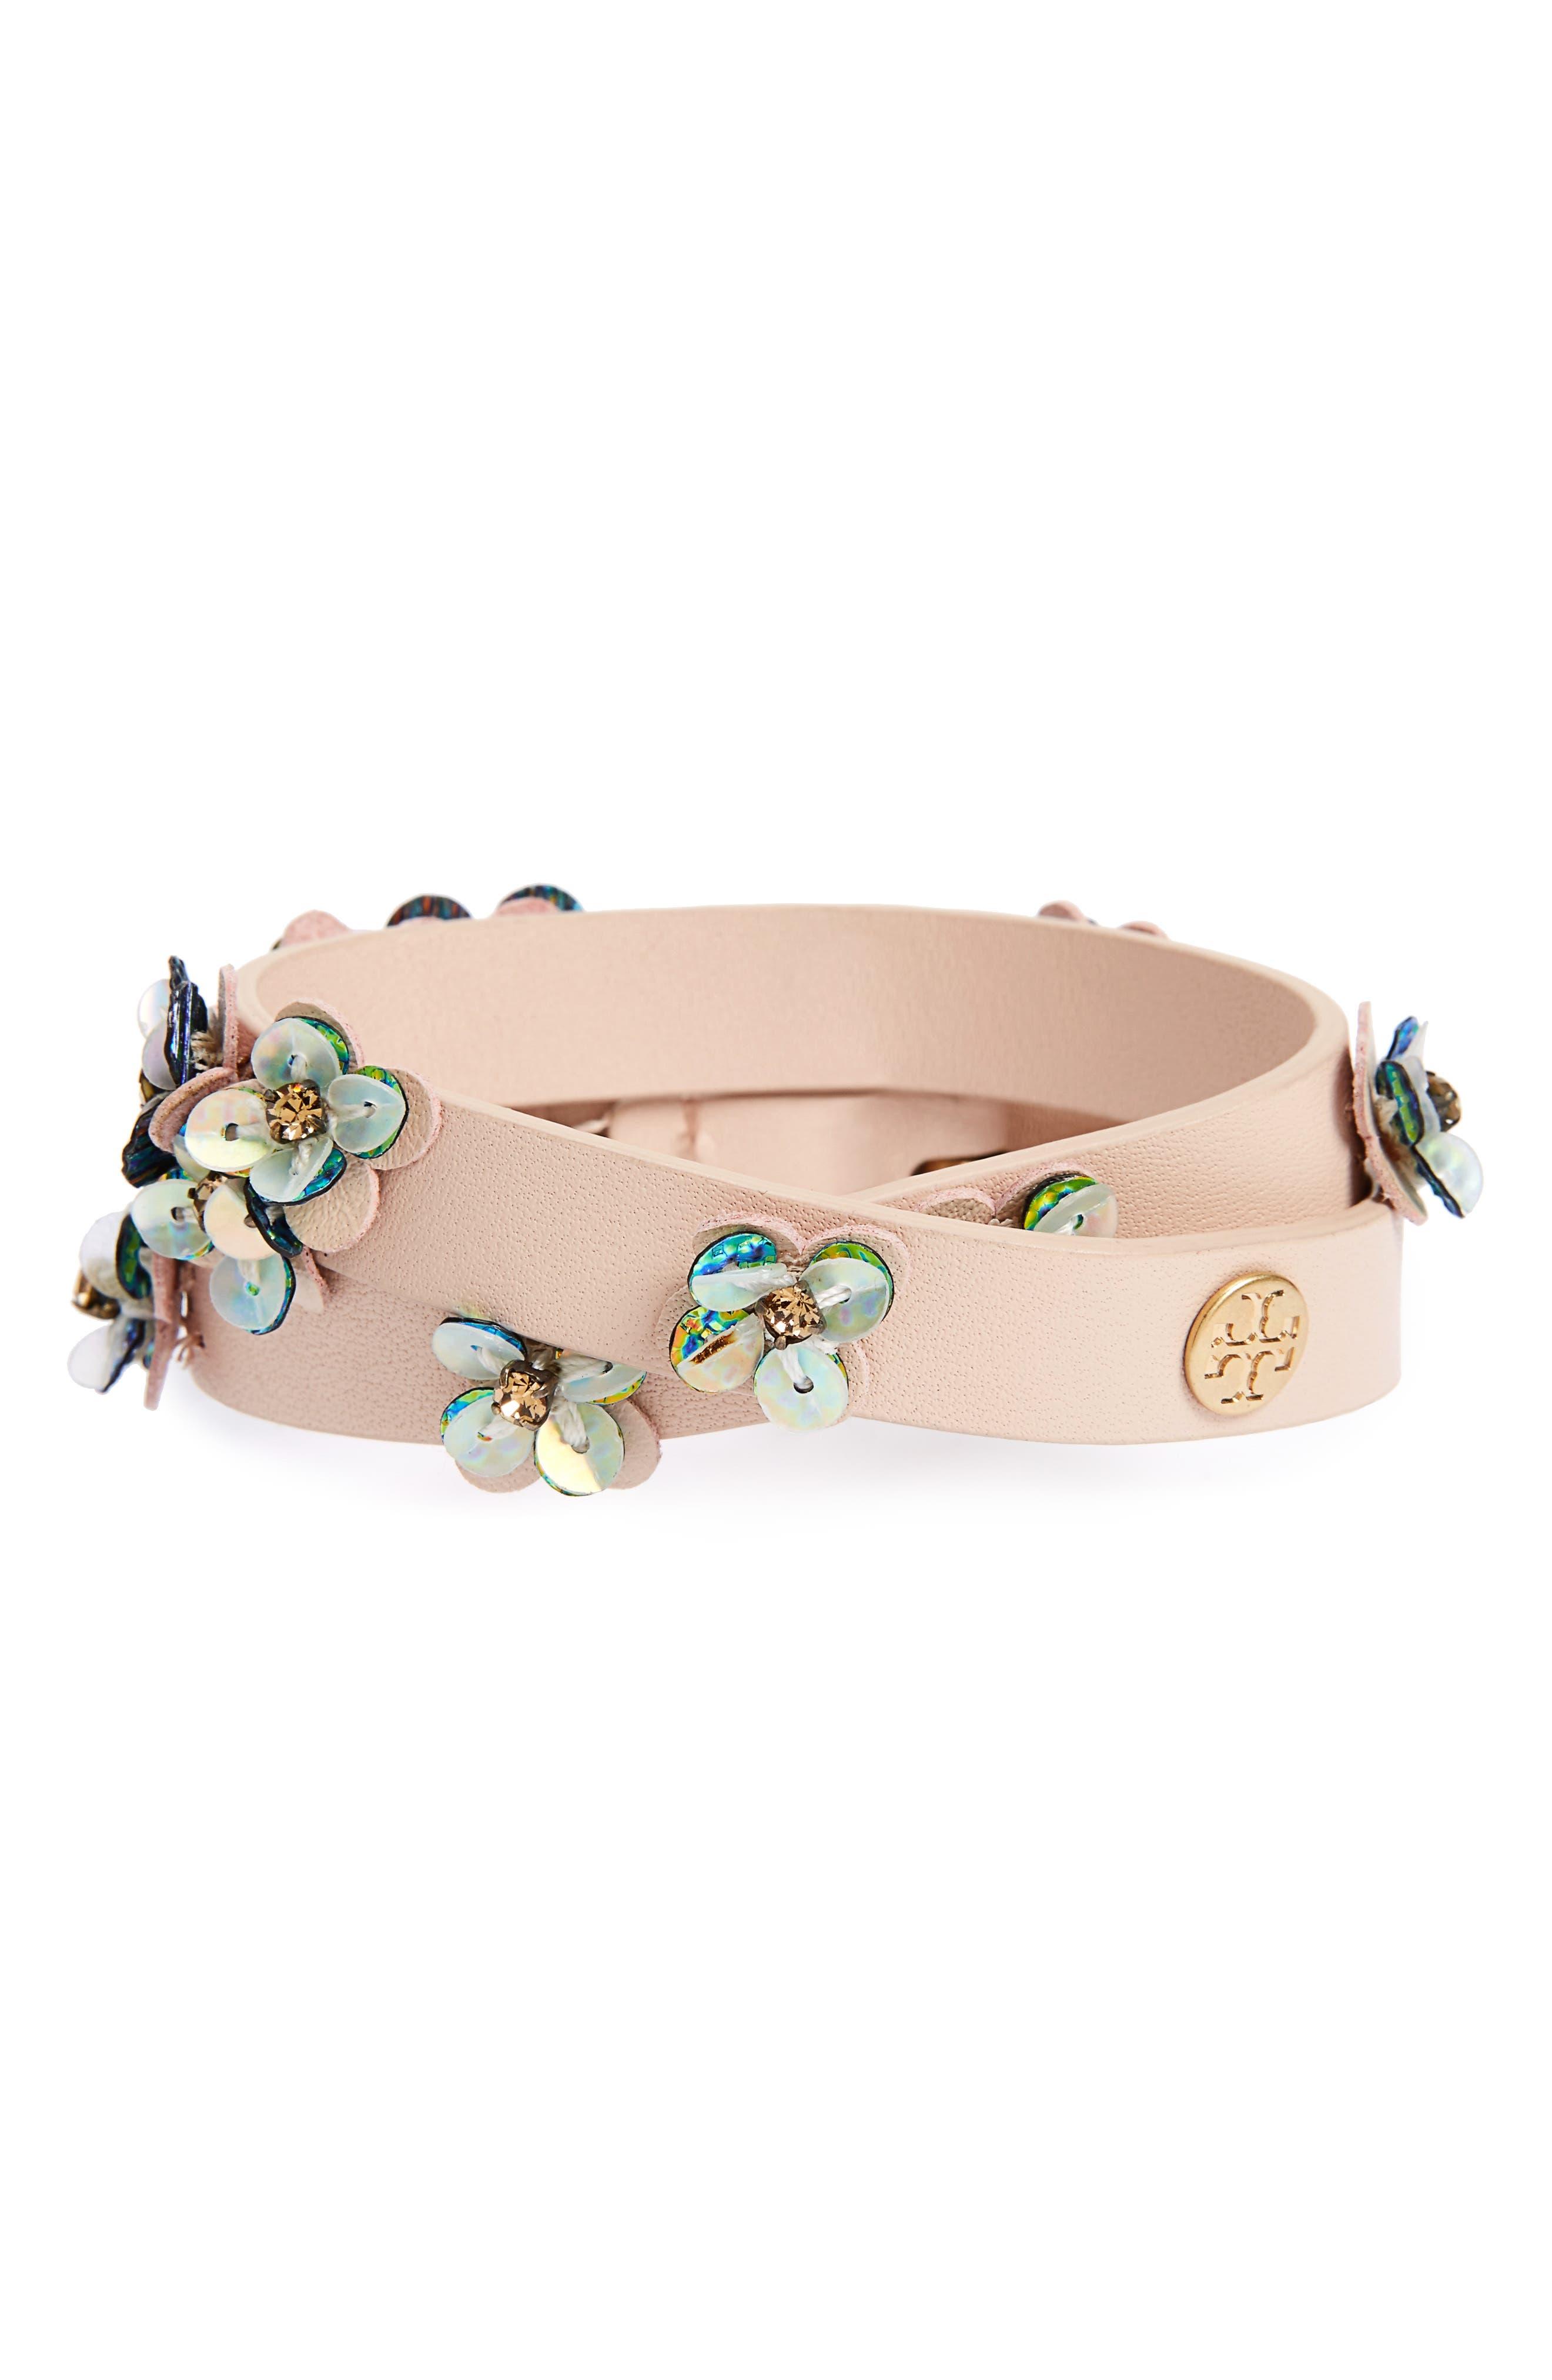 Leather Wrap Bracelet,                             Main thumbnail 1, color,                             Light Oak / Vintage Gold